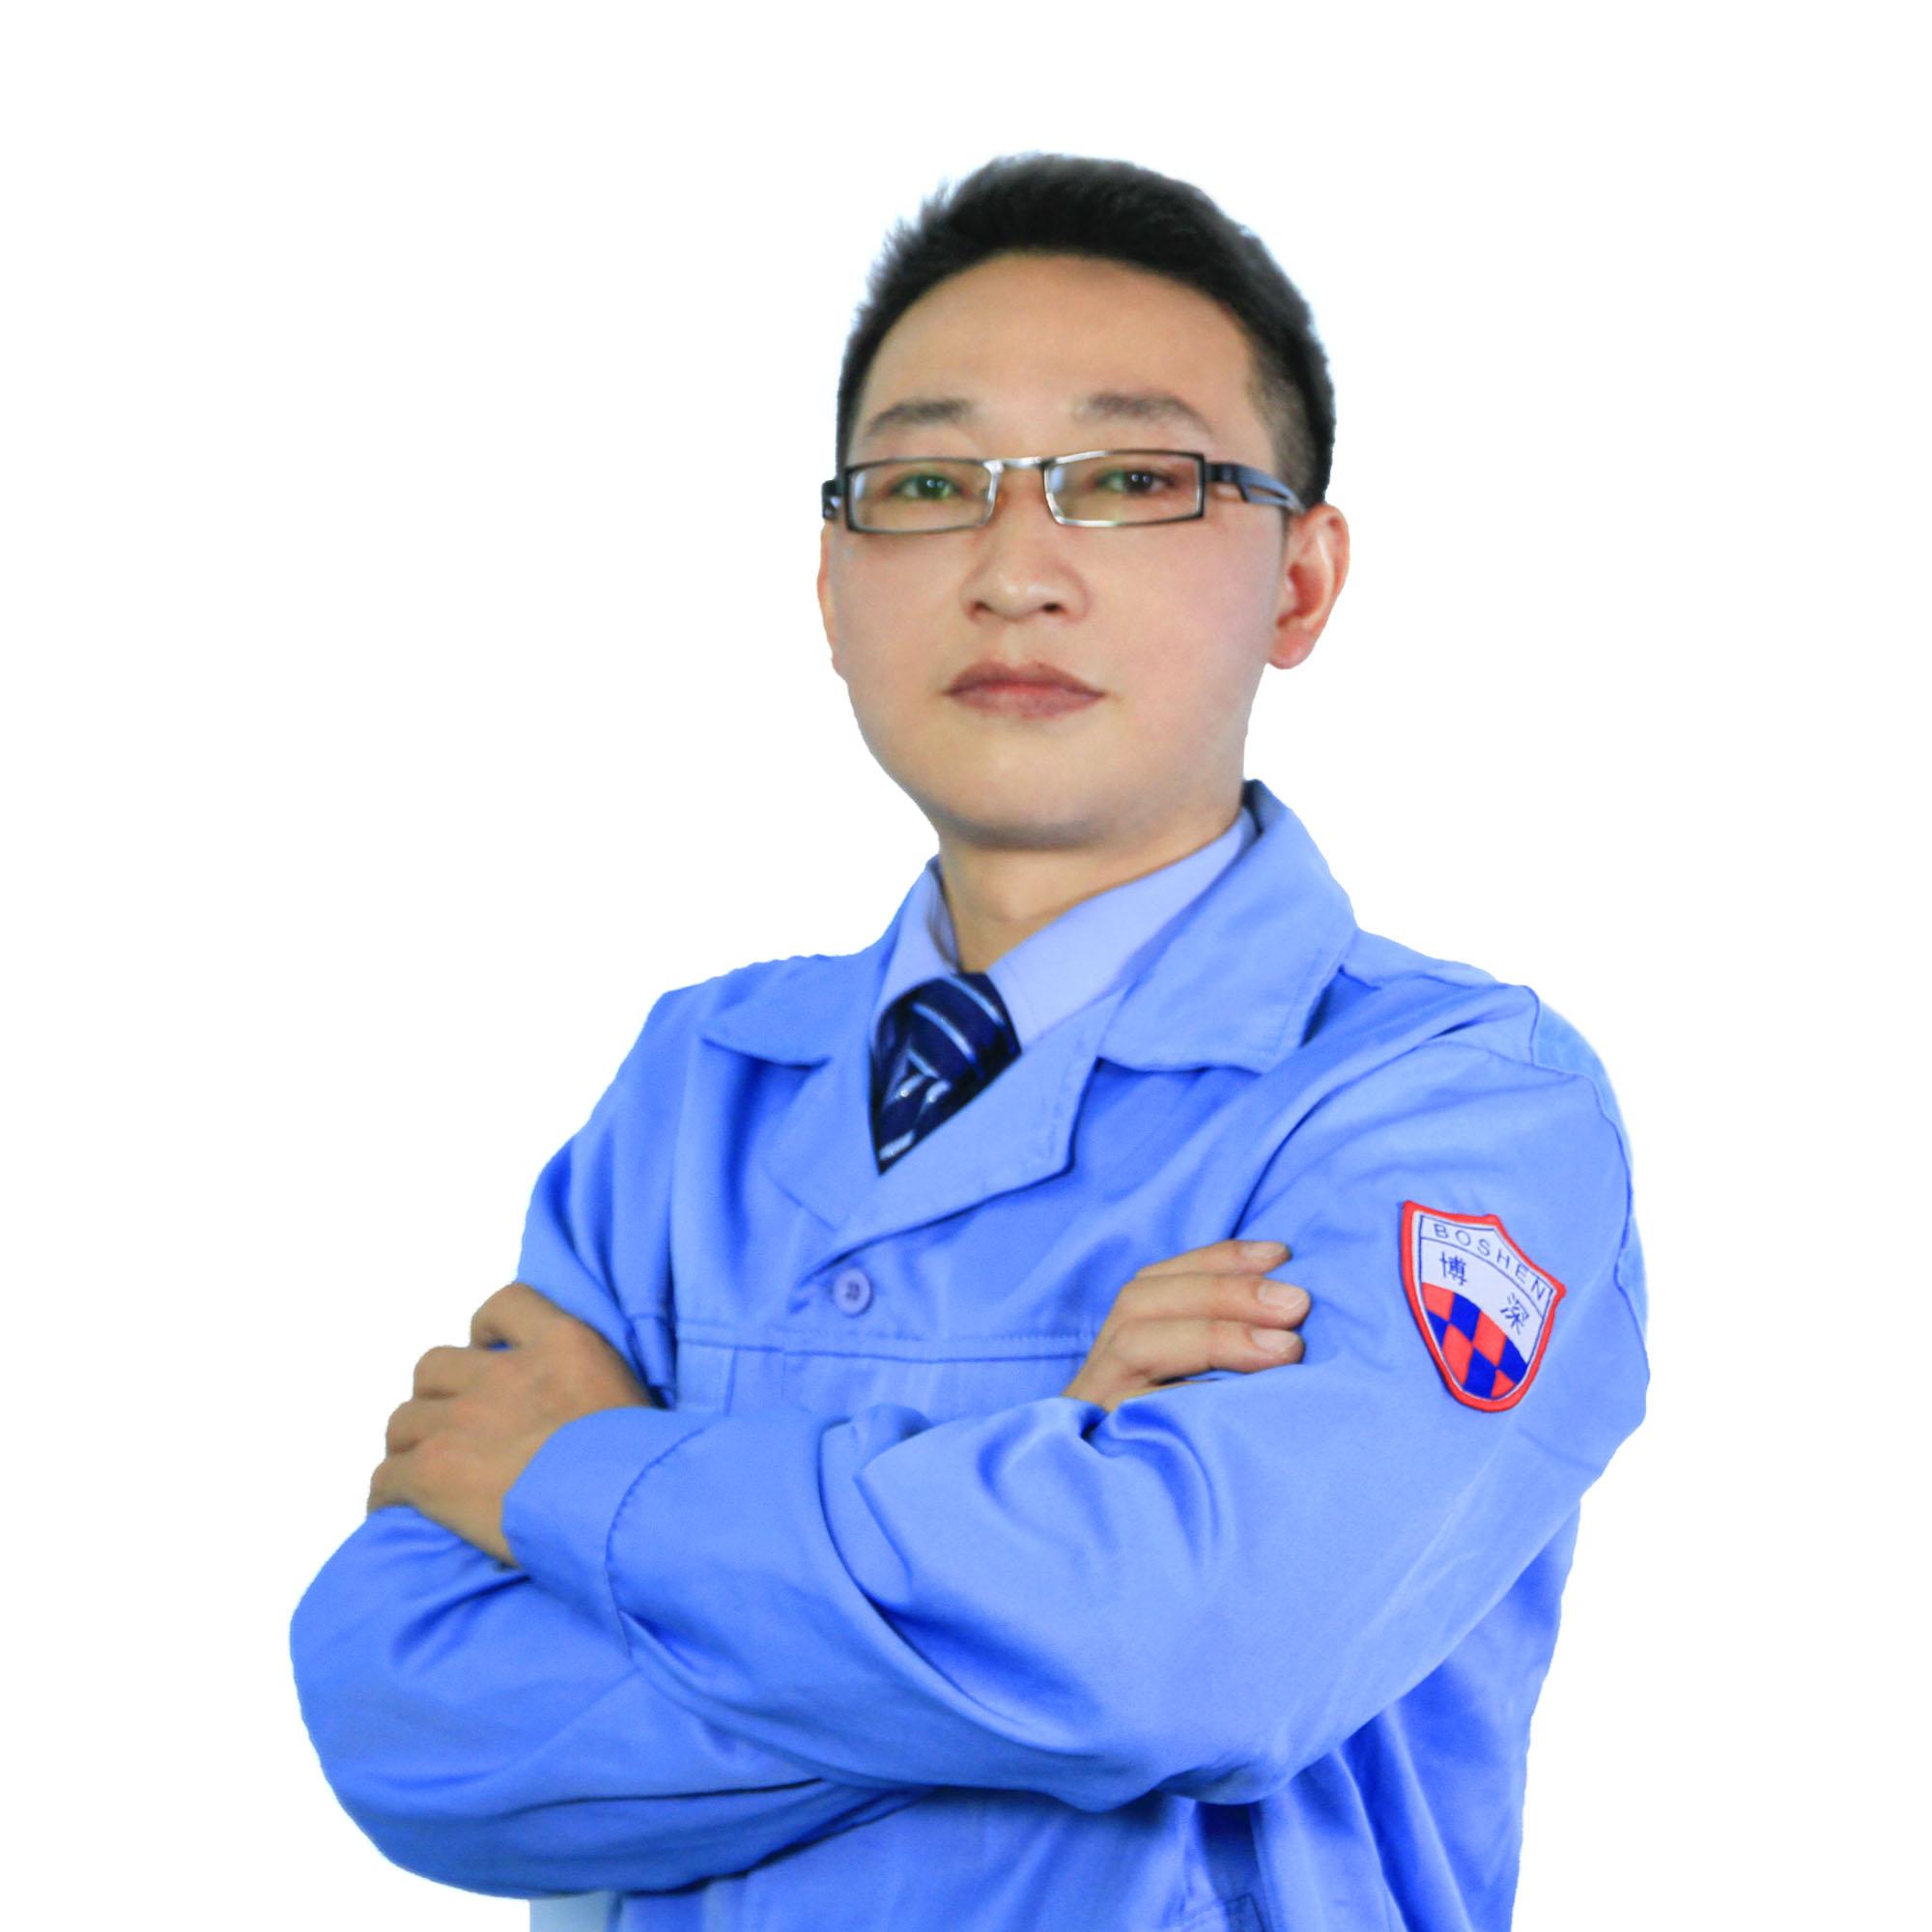 仓储主管欧阳班昆